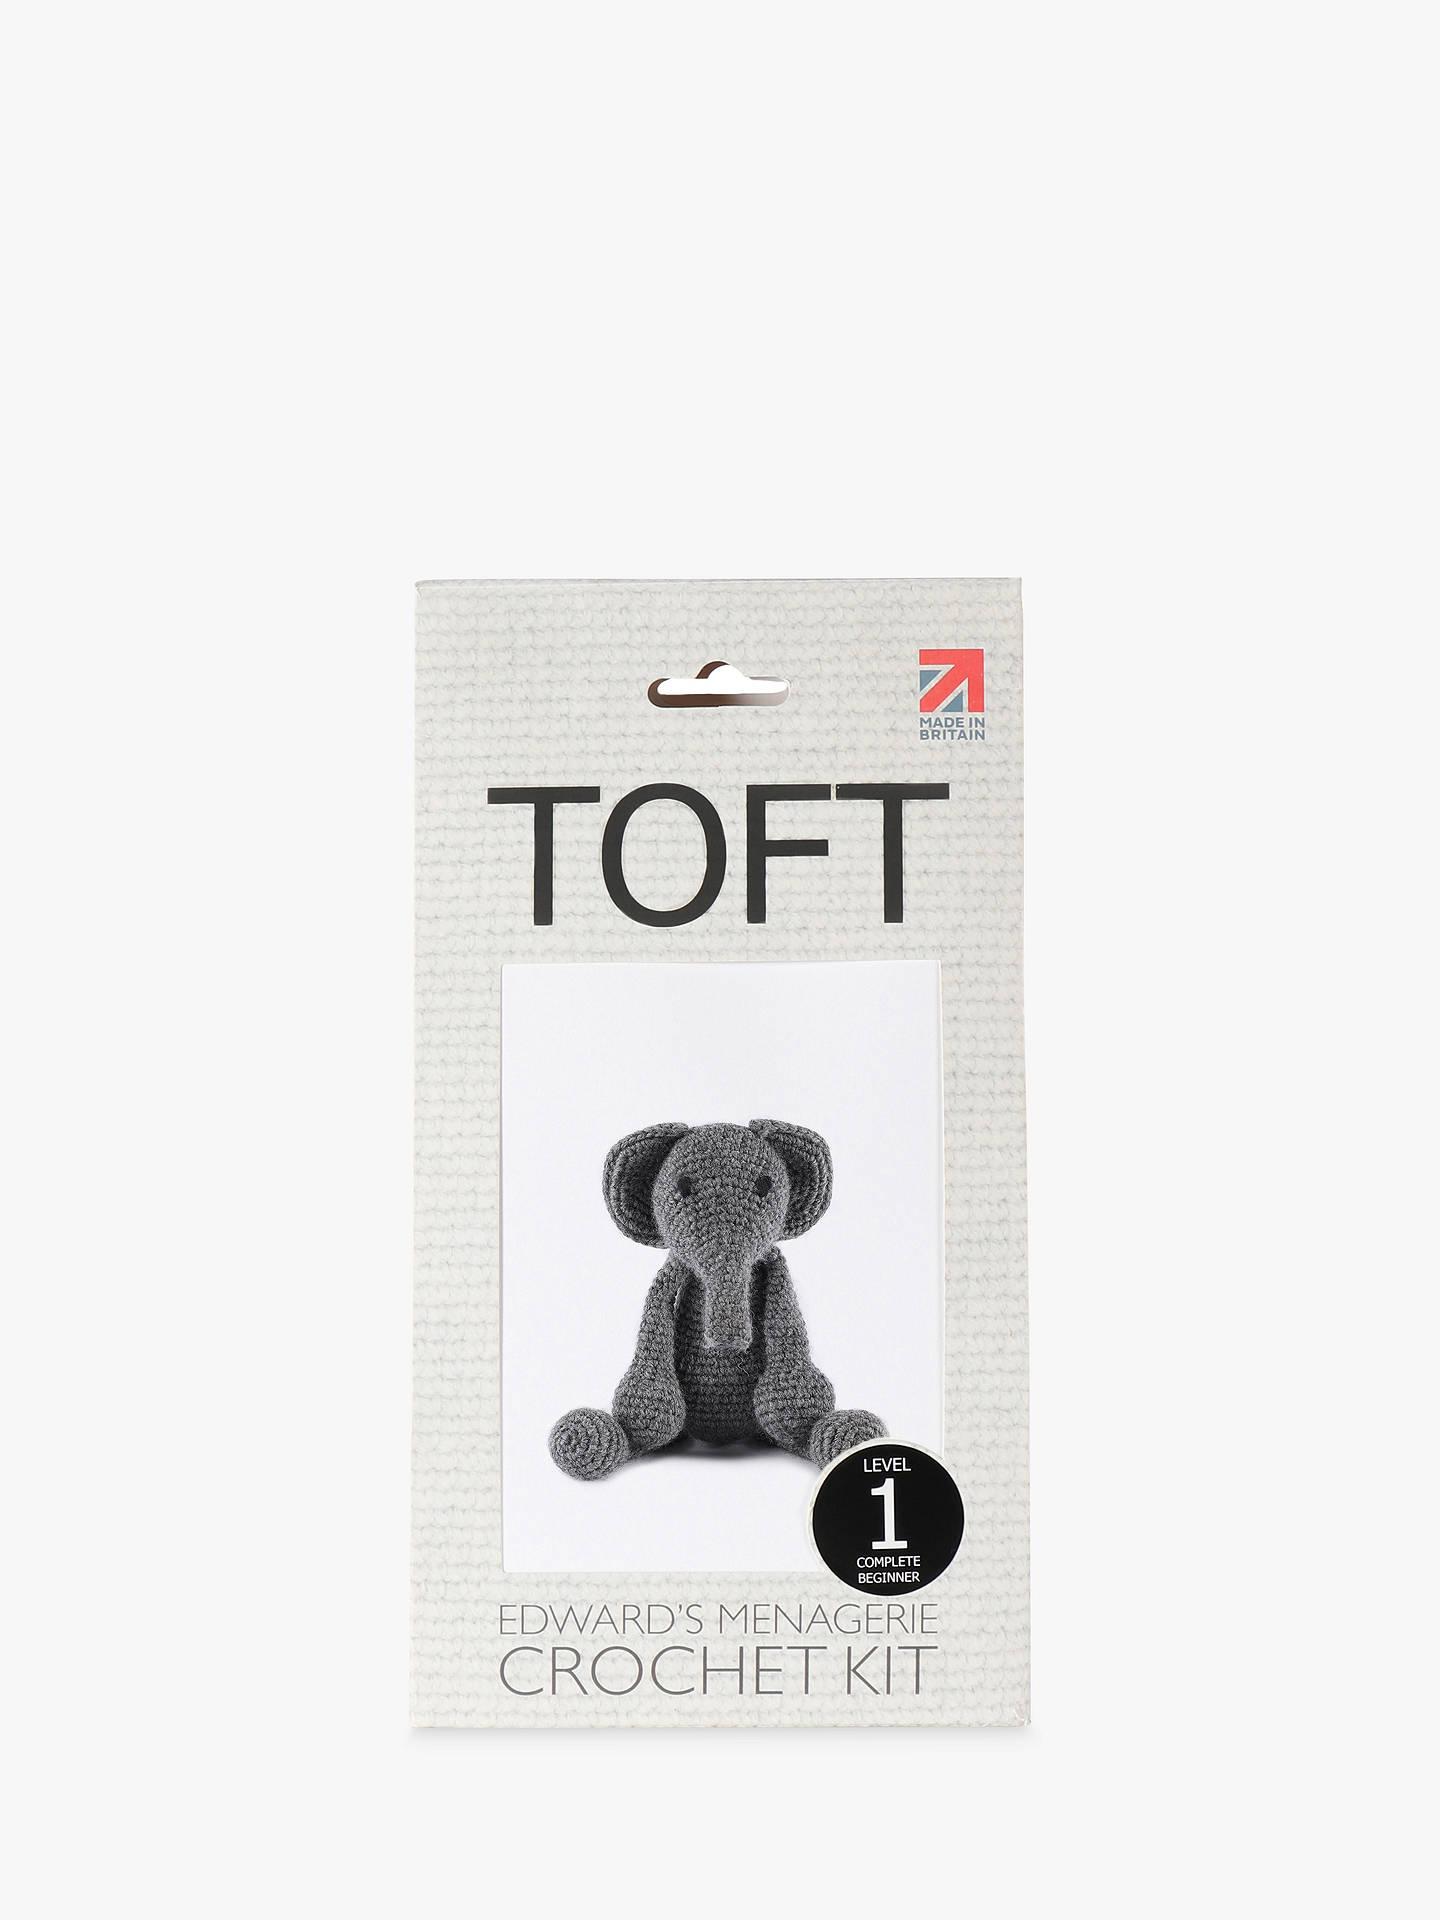 TOFT Bridget the Elephant Crochet Kit